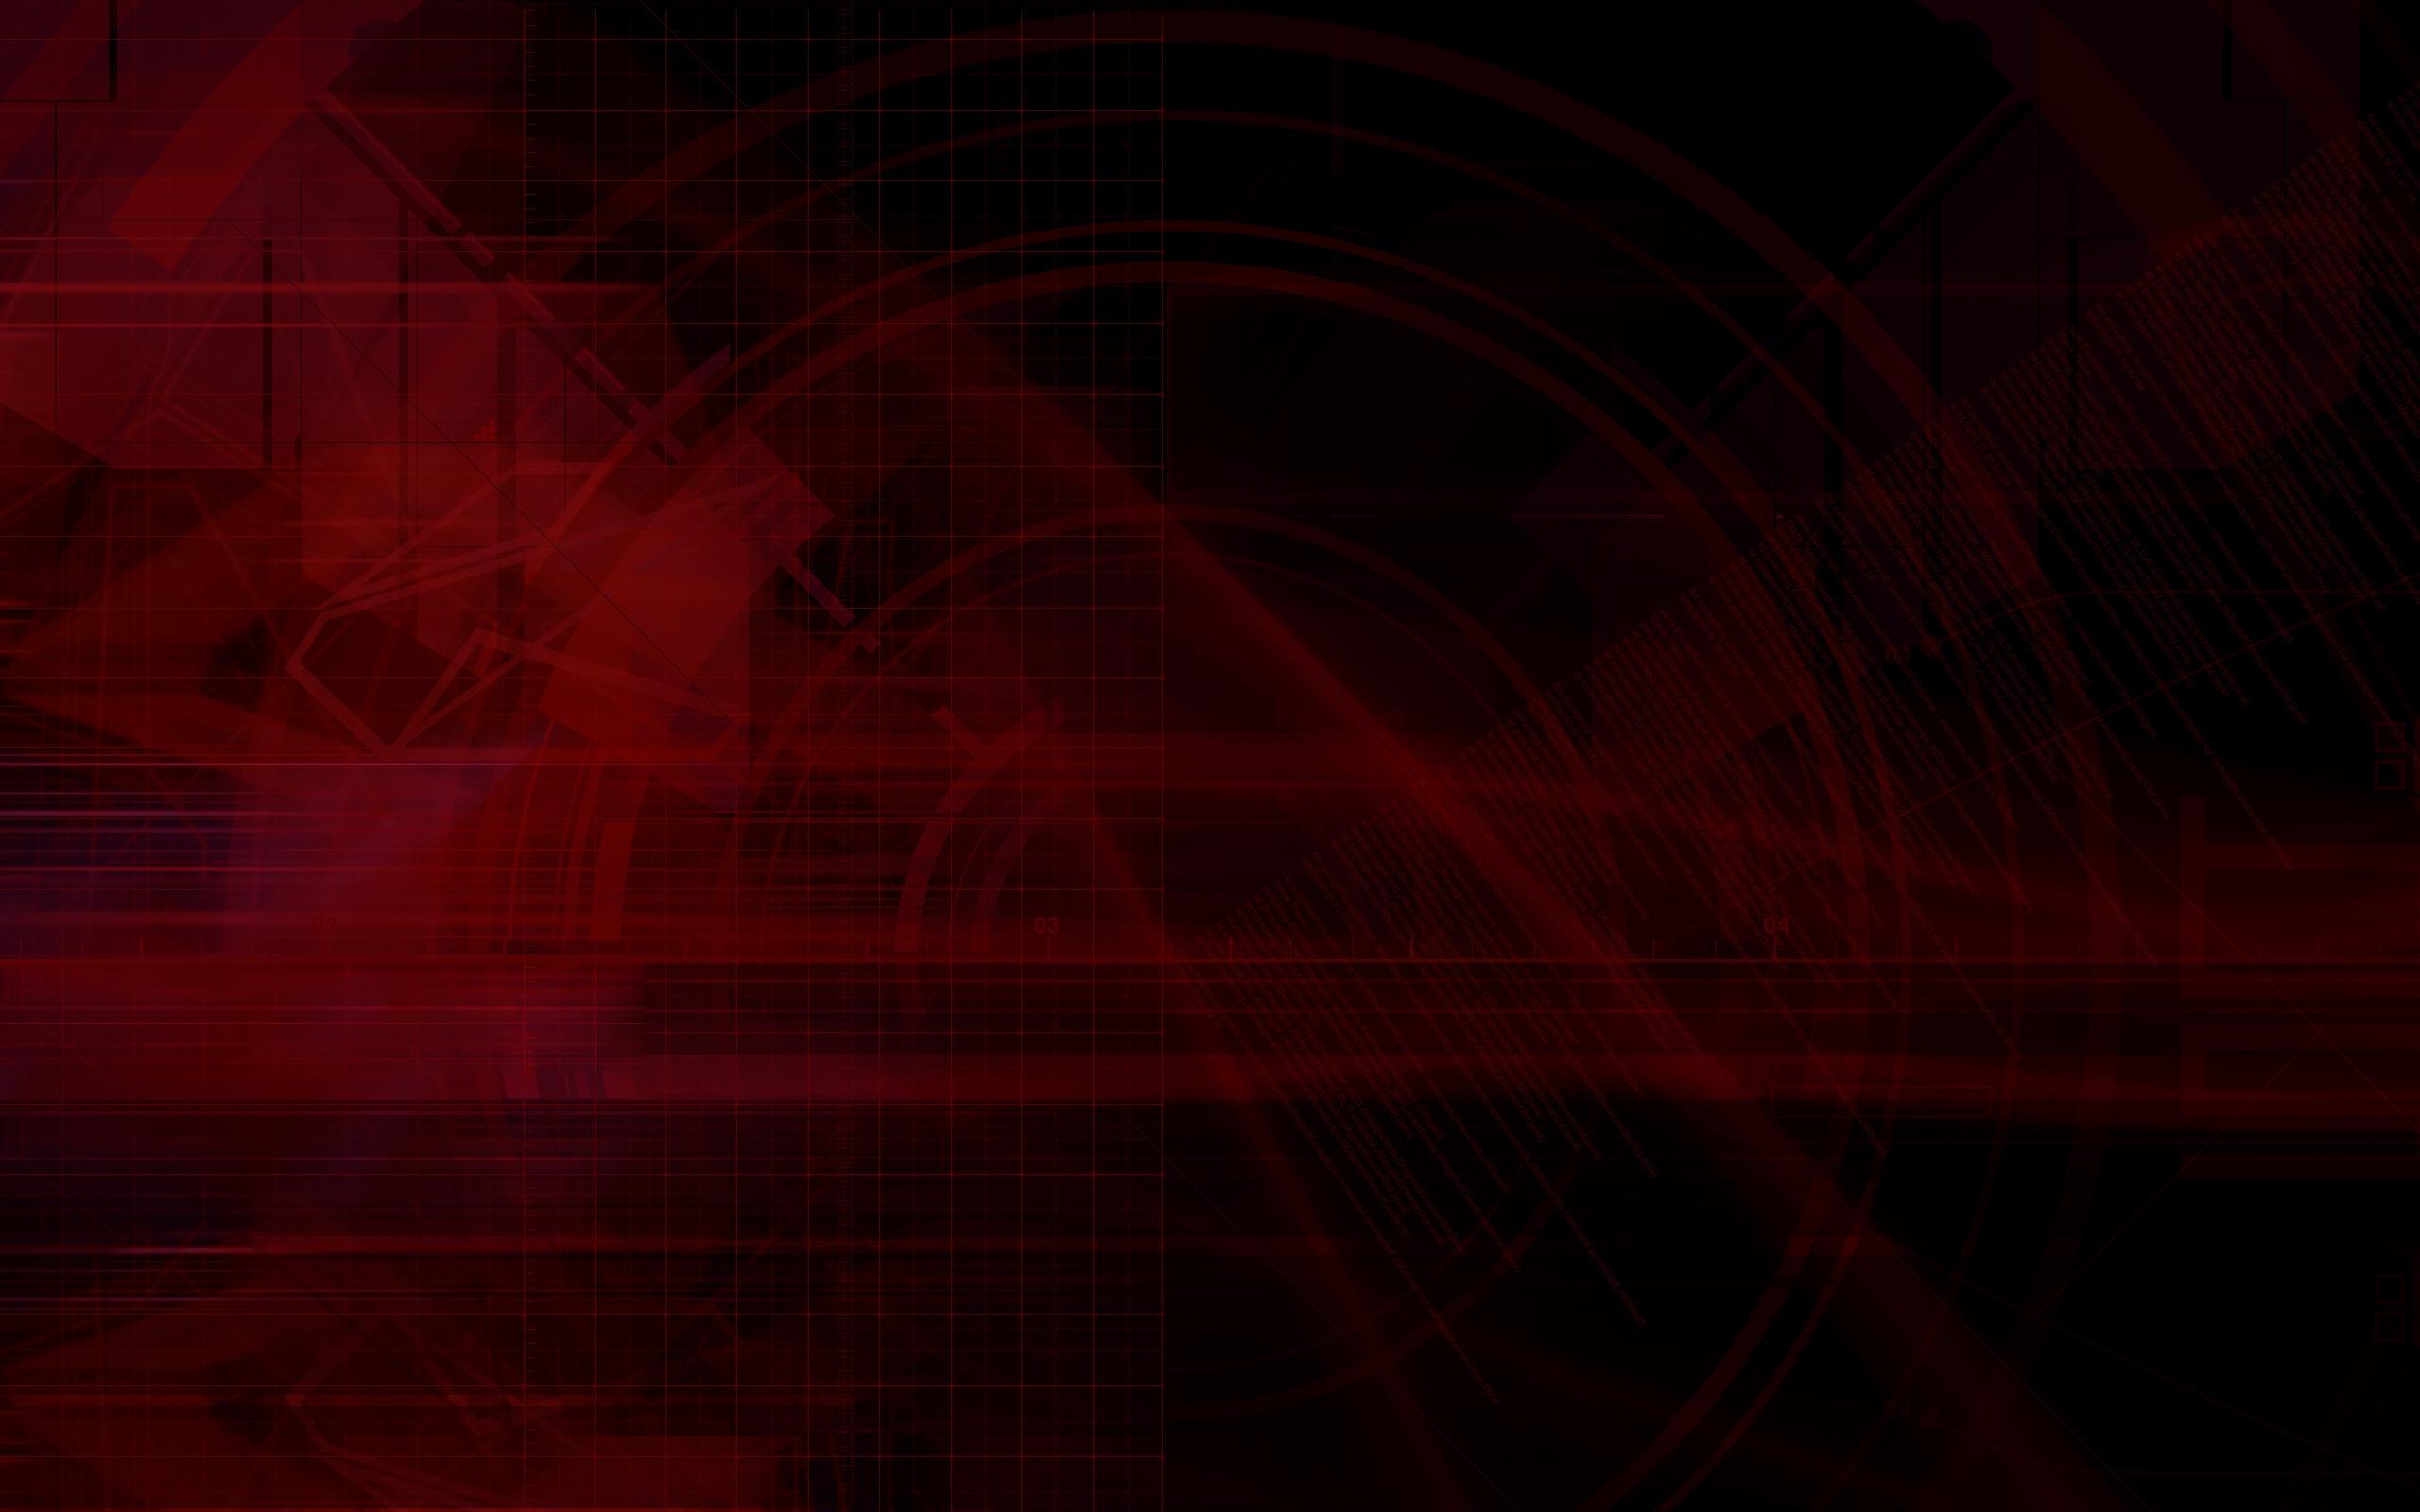 Download 770+ Background Hd Untuk Foto HD Terbaru